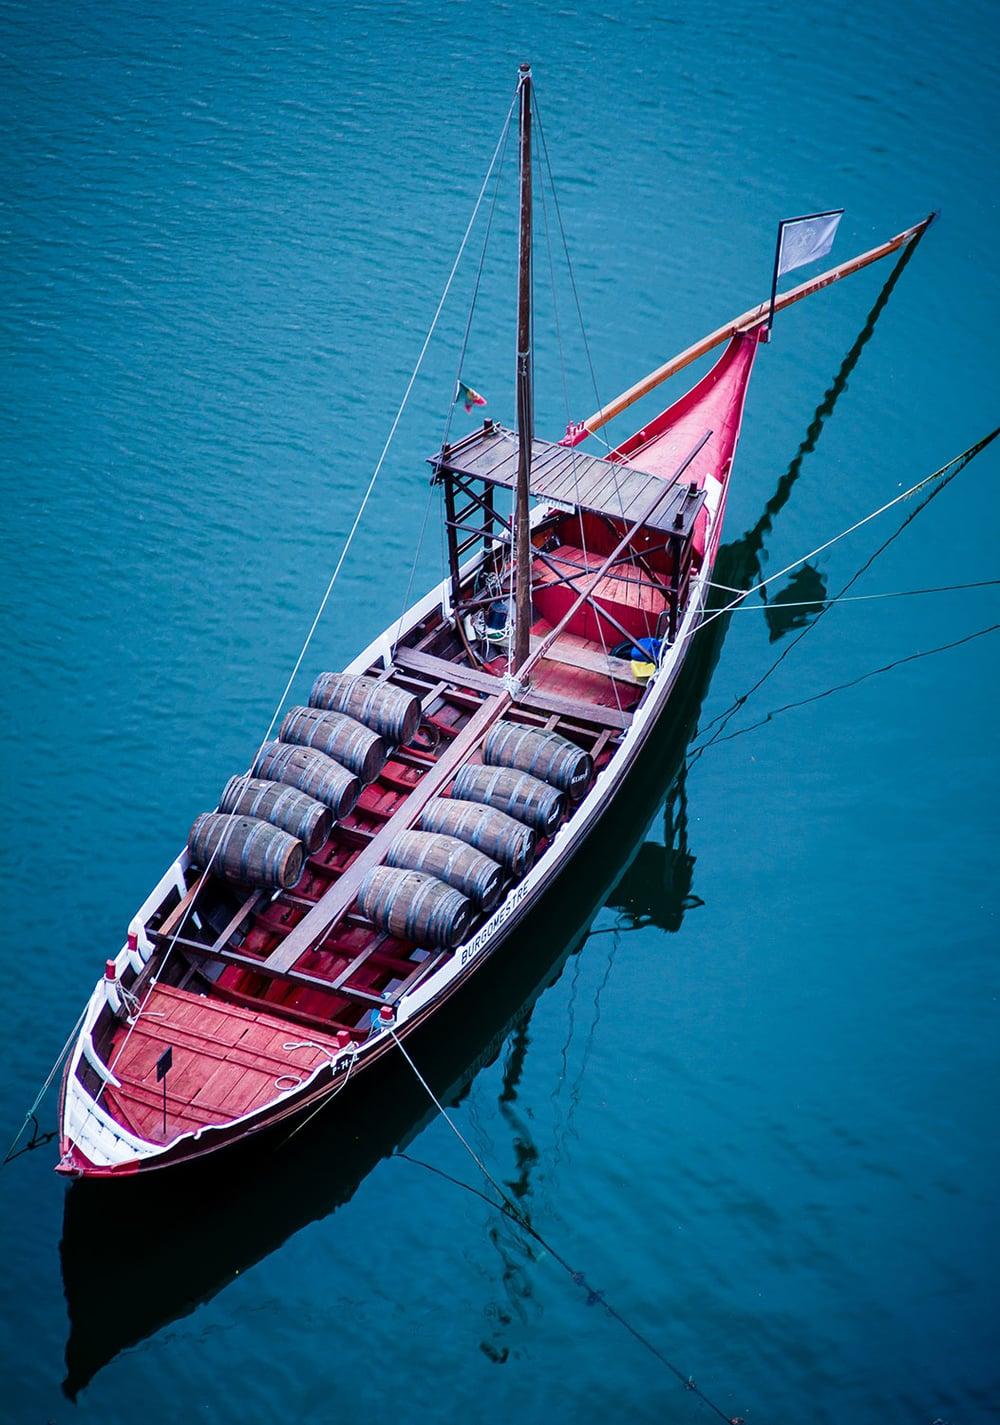 porto_boat.jpg